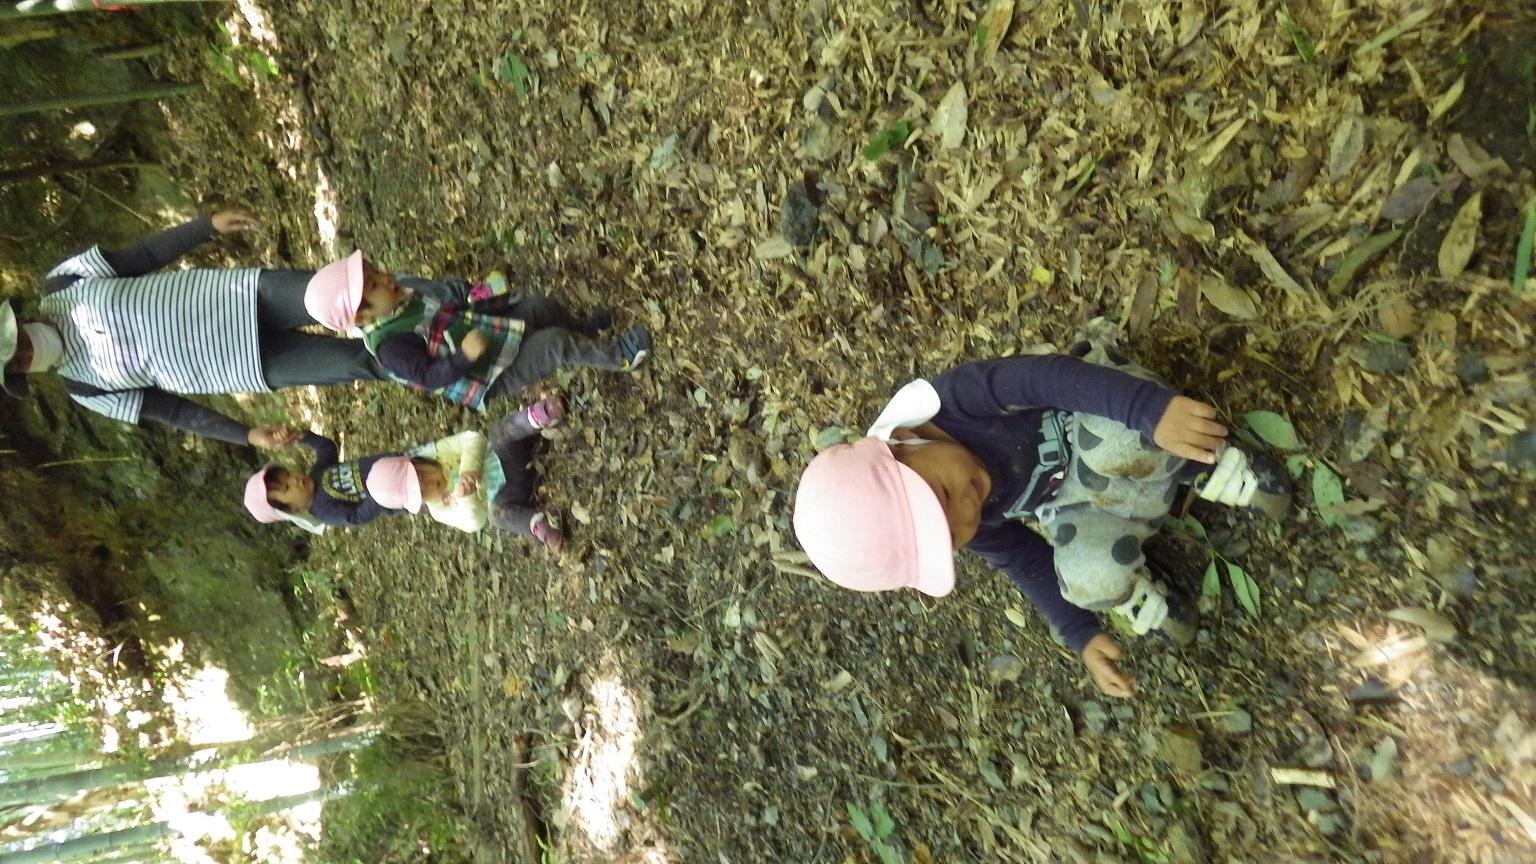 「山あそび」山あそびの楽しい季節となり、うさぎぐみ(1歳児)も山へくりだしました。自然を全身で感じて、斜面登りにもチャレンジ!